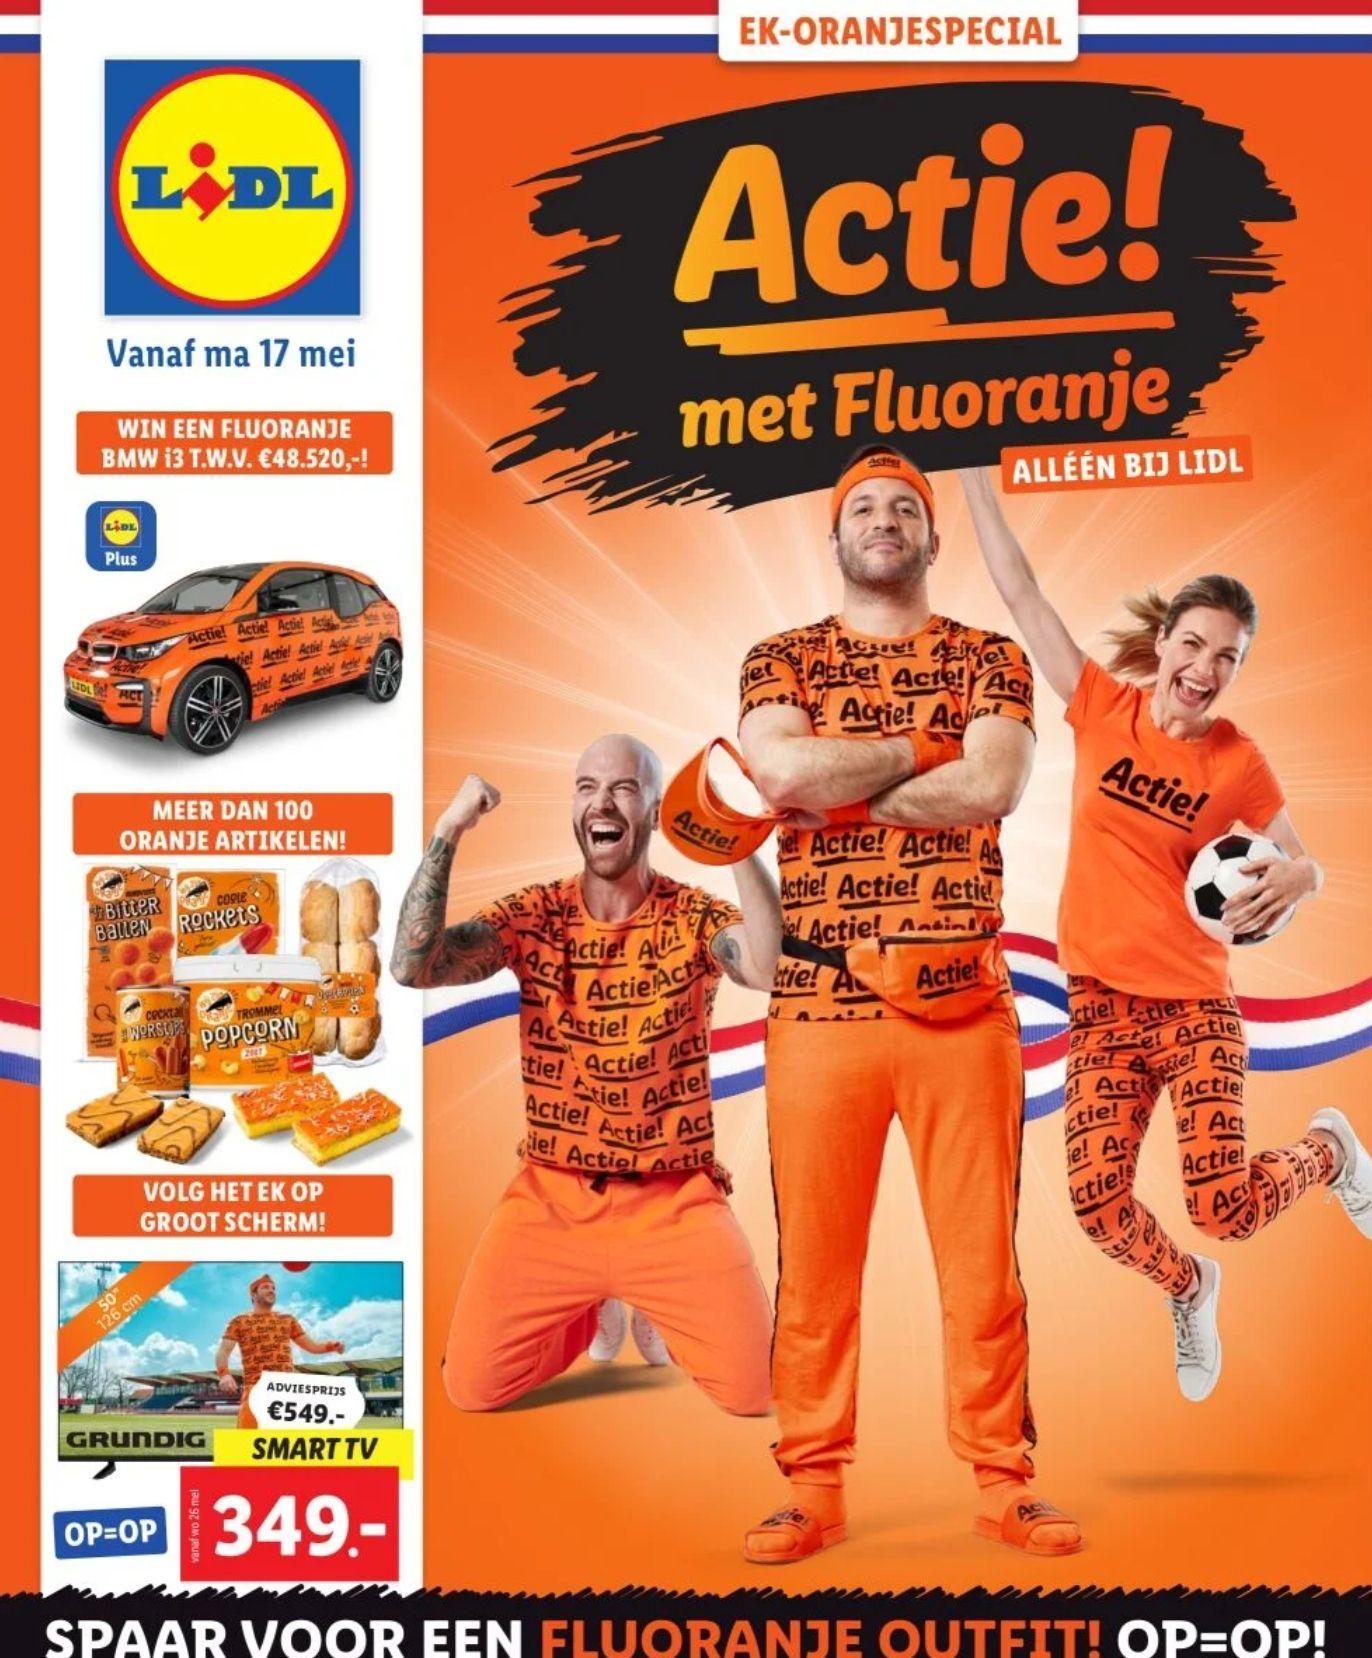 EK-Oranjespecial bij Lidl vanaf 17 Mei - LET'S GO!